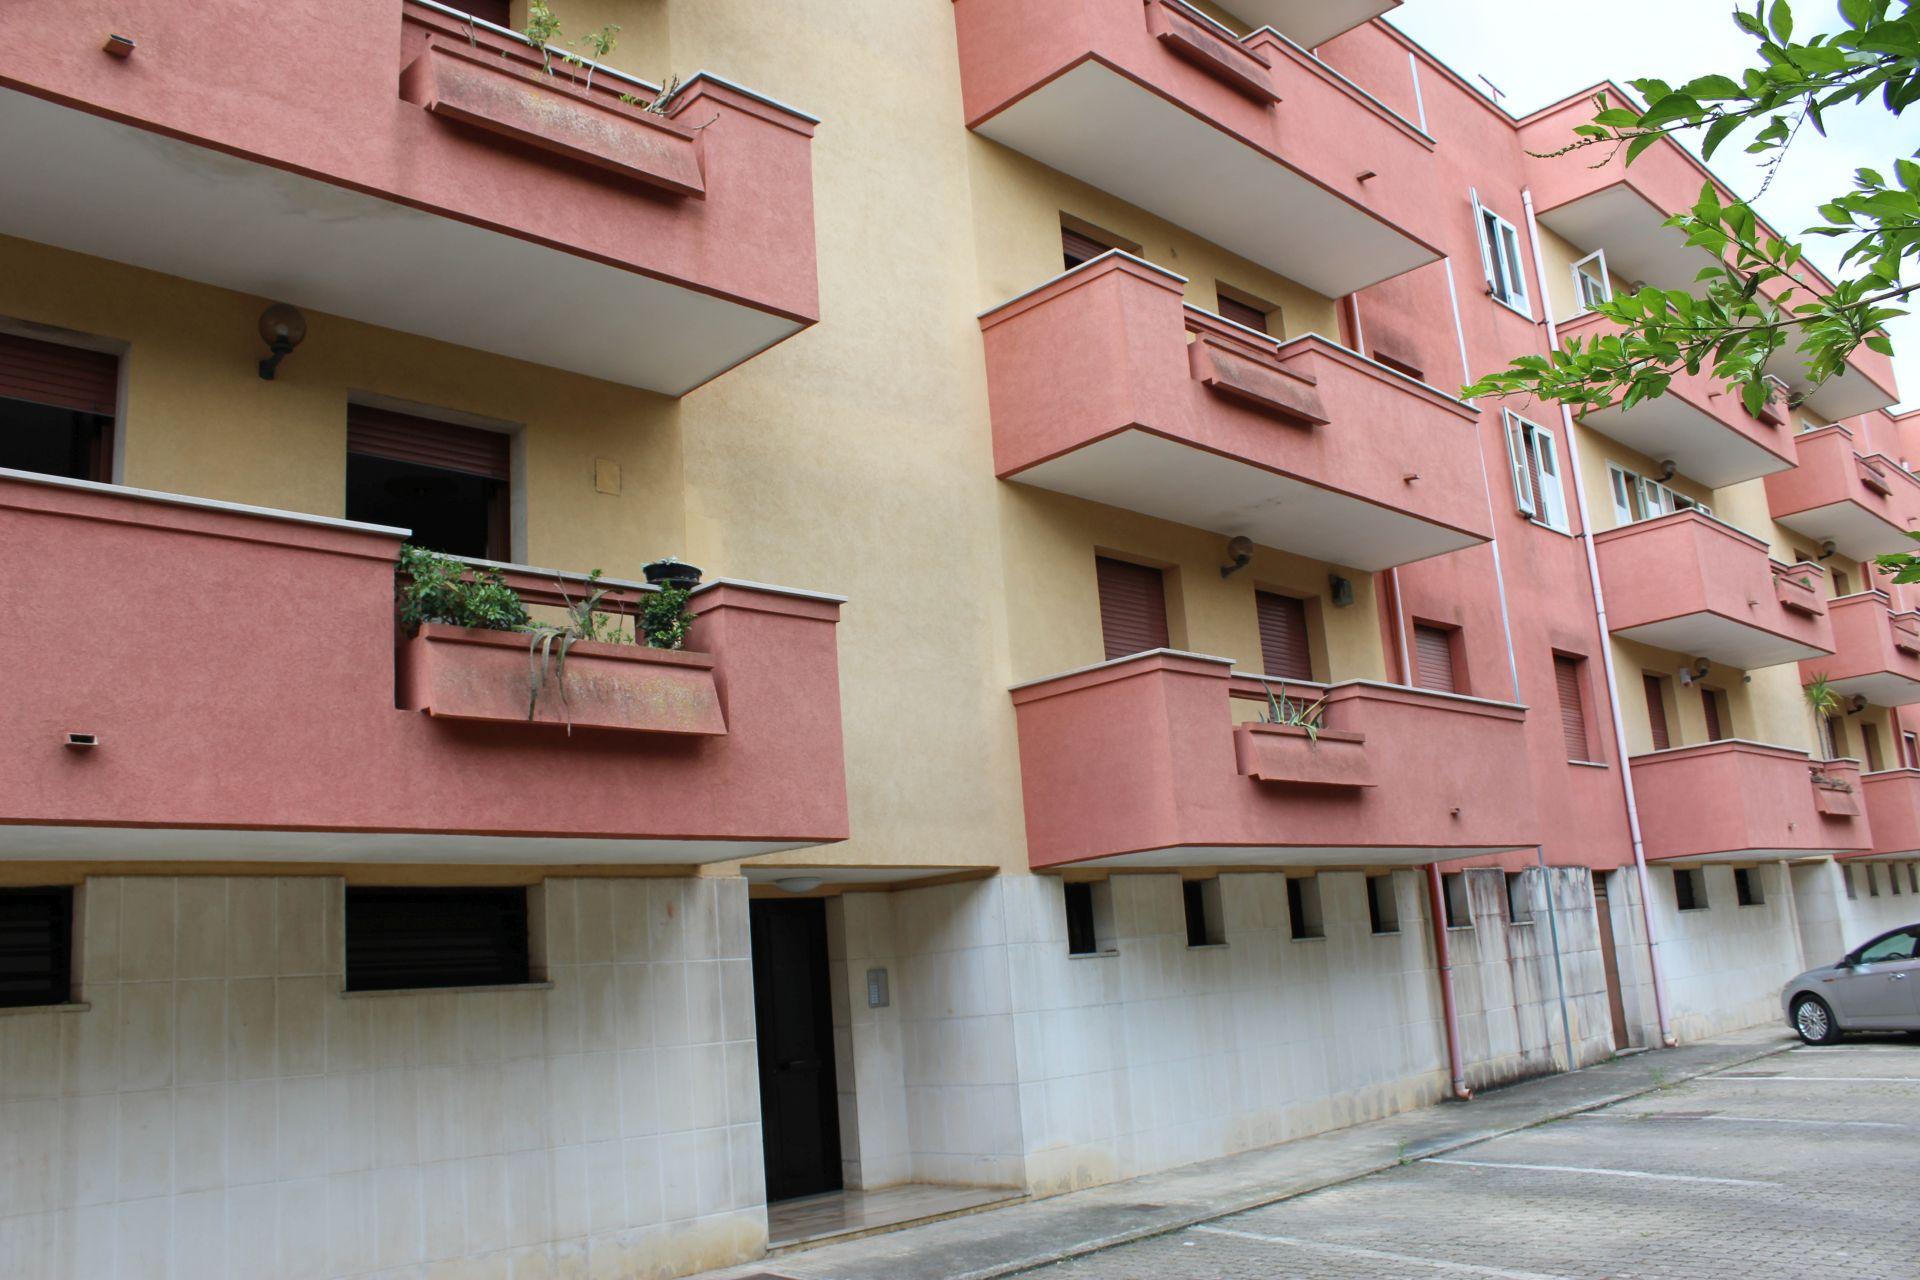 (Italiano) Francavilla Fontana Viale Abbadessa 3° Piano + Cantinola + Box Auto + Parcheggio scoperto interno.